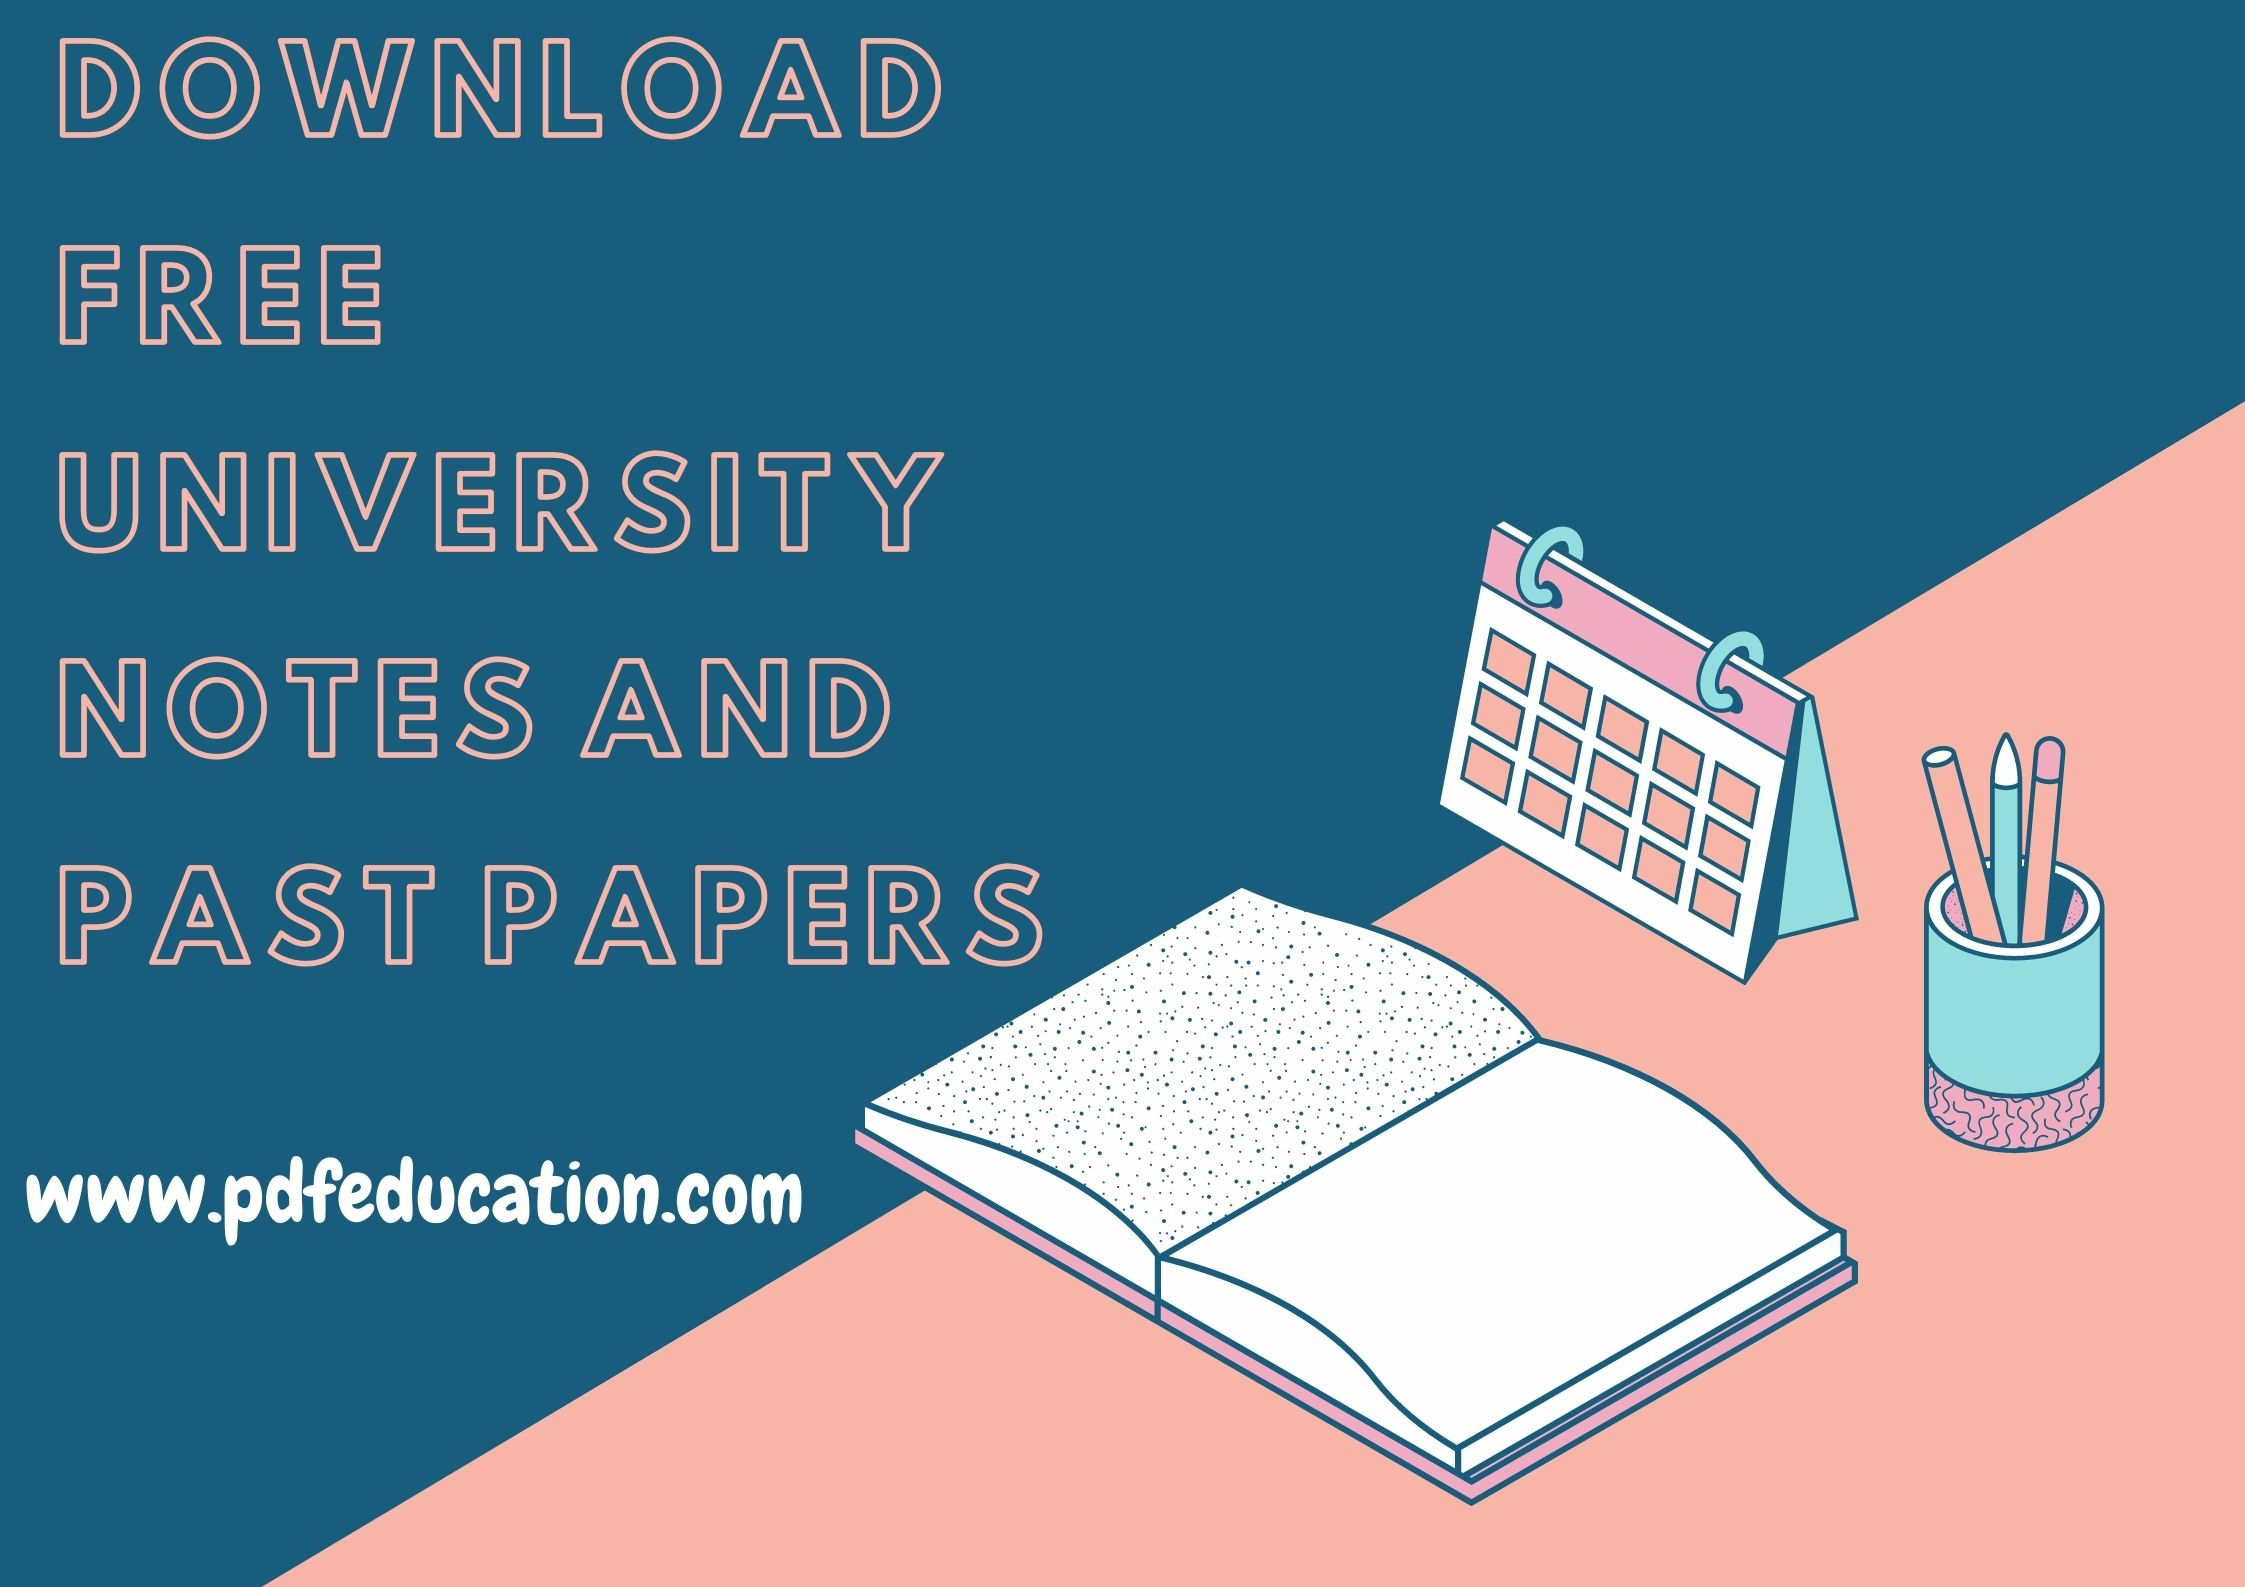 Download Free University Notes in Kenya